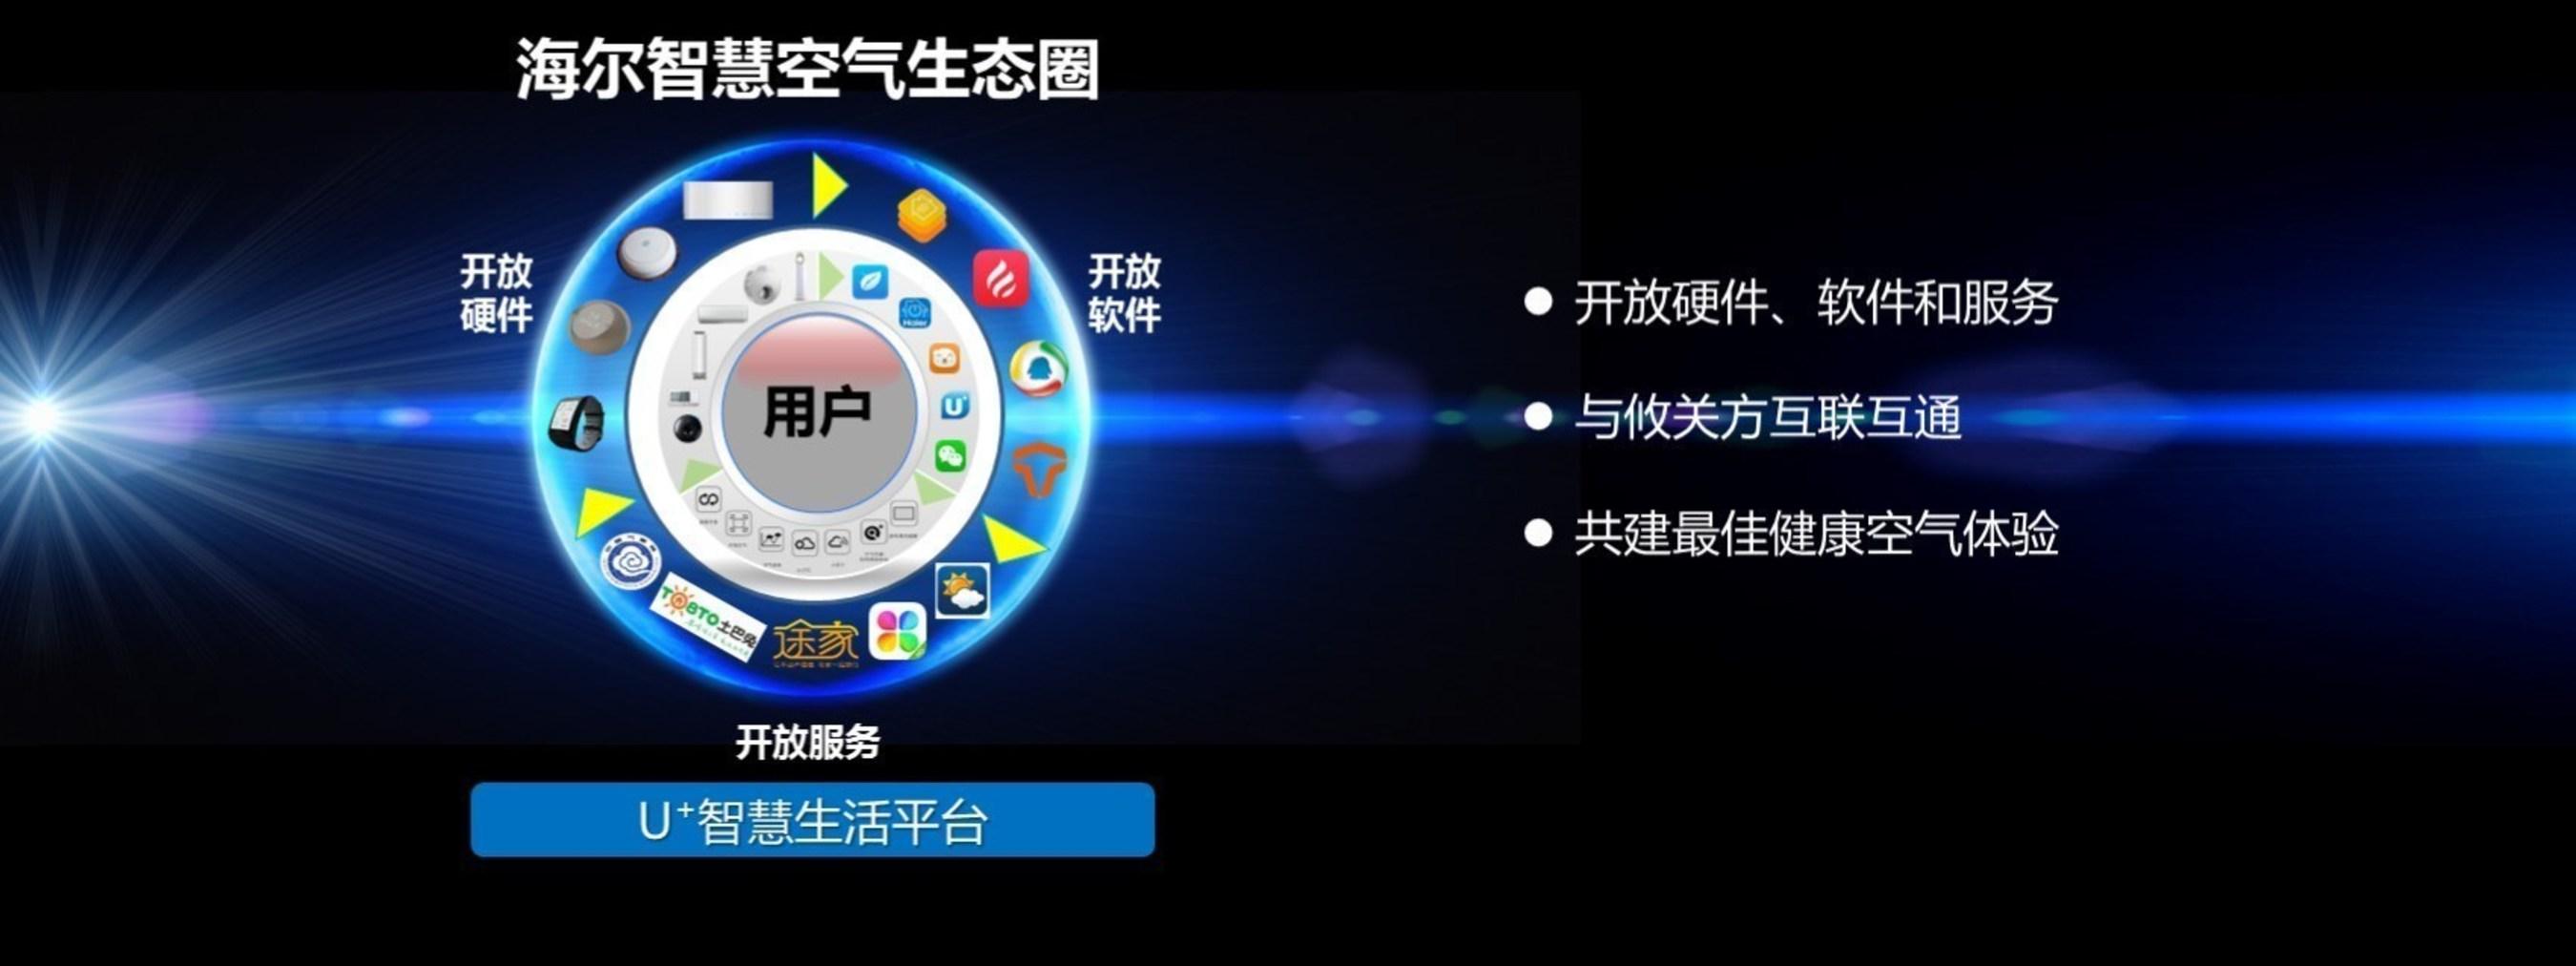 Les innovations techniques d'Haier la propulsent au premier plan des sociétés chinoises